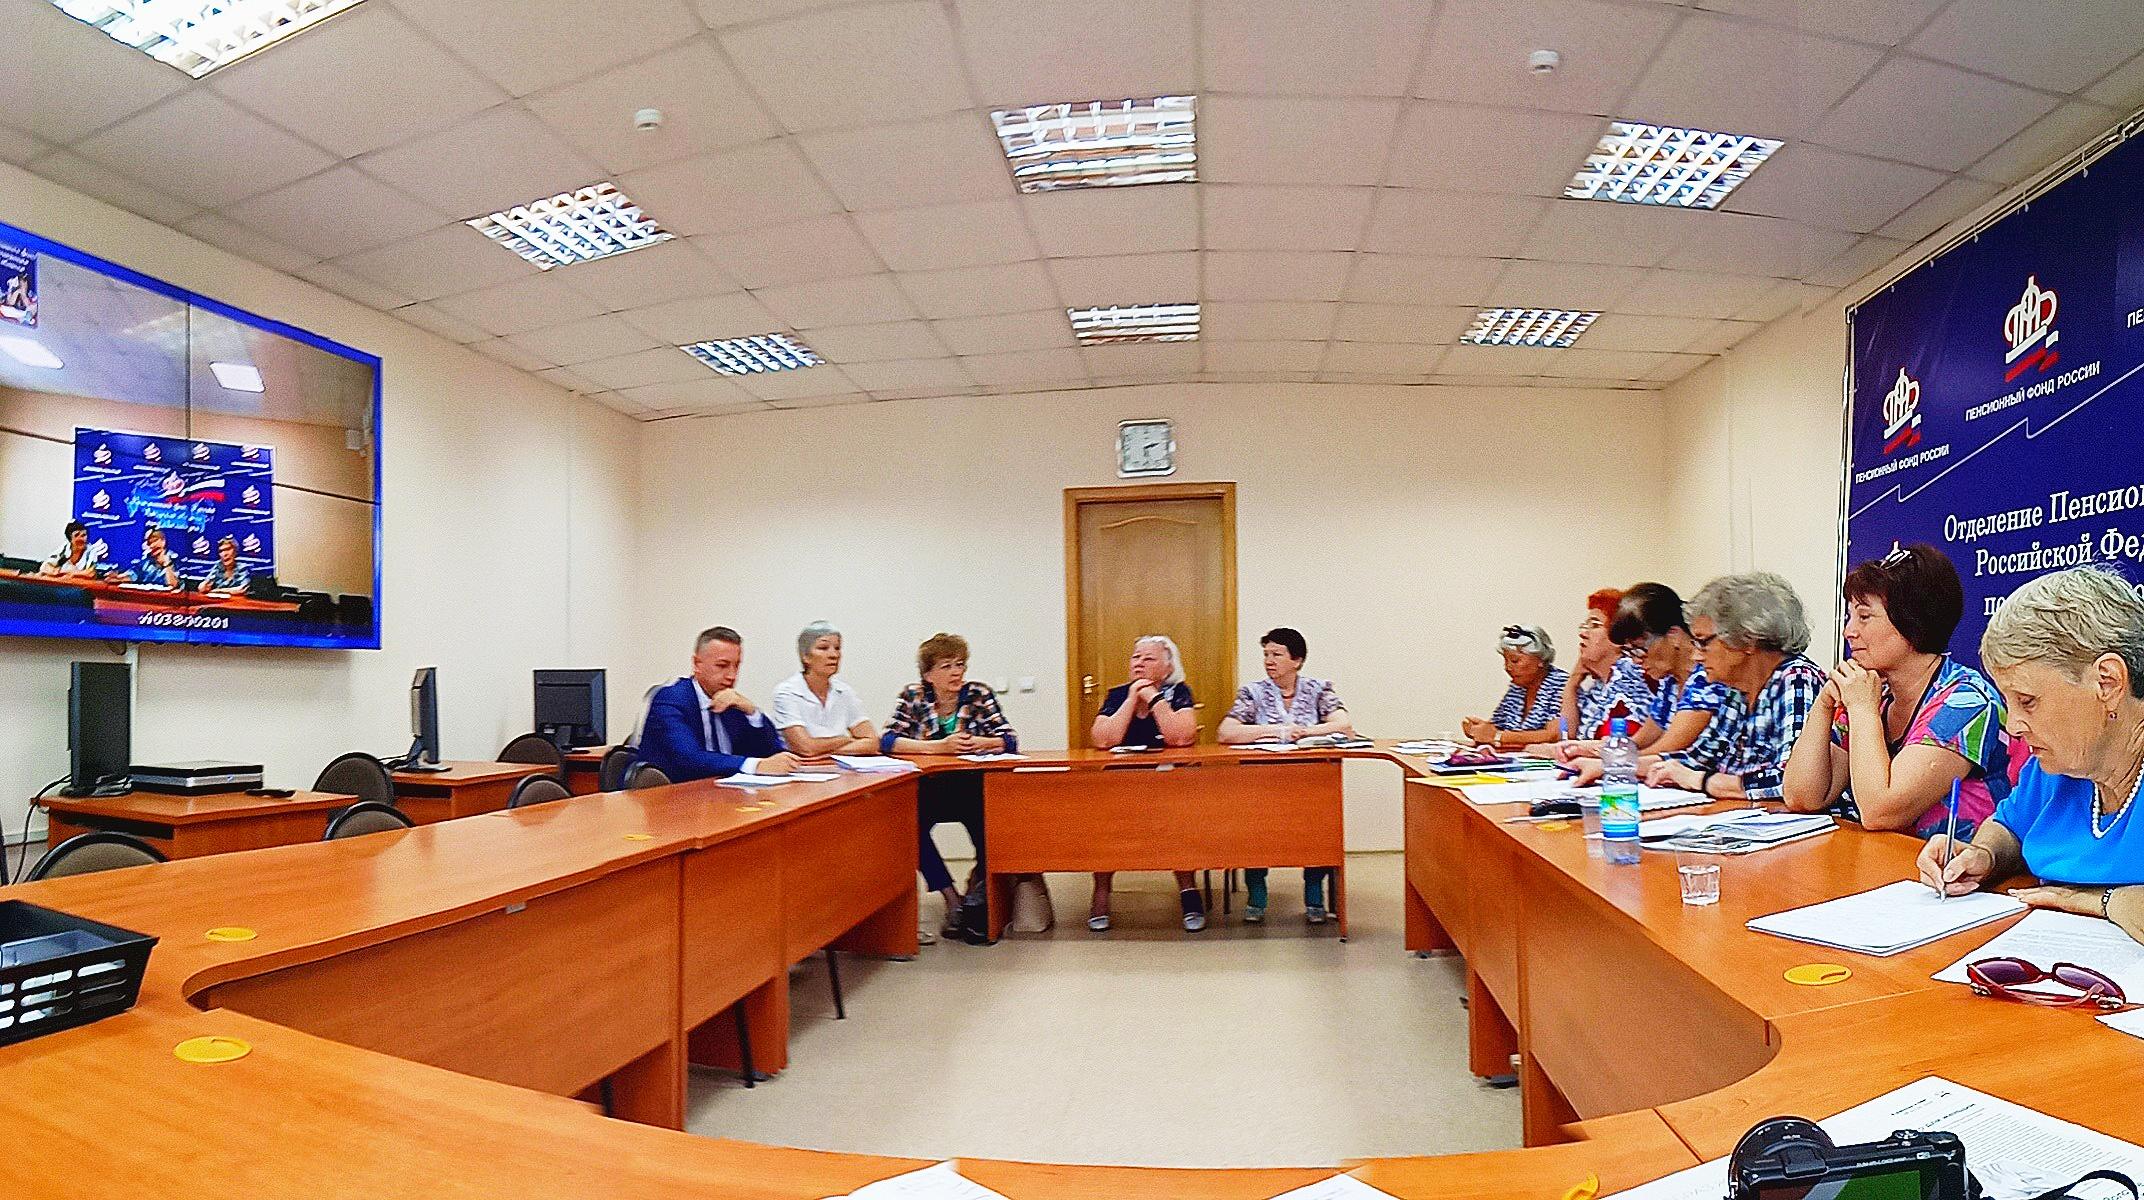 Итоги работы за первое полугодие 2019 г. и задачи до конца года обсудили участники видеоконференции заседания Правления АРО СПР